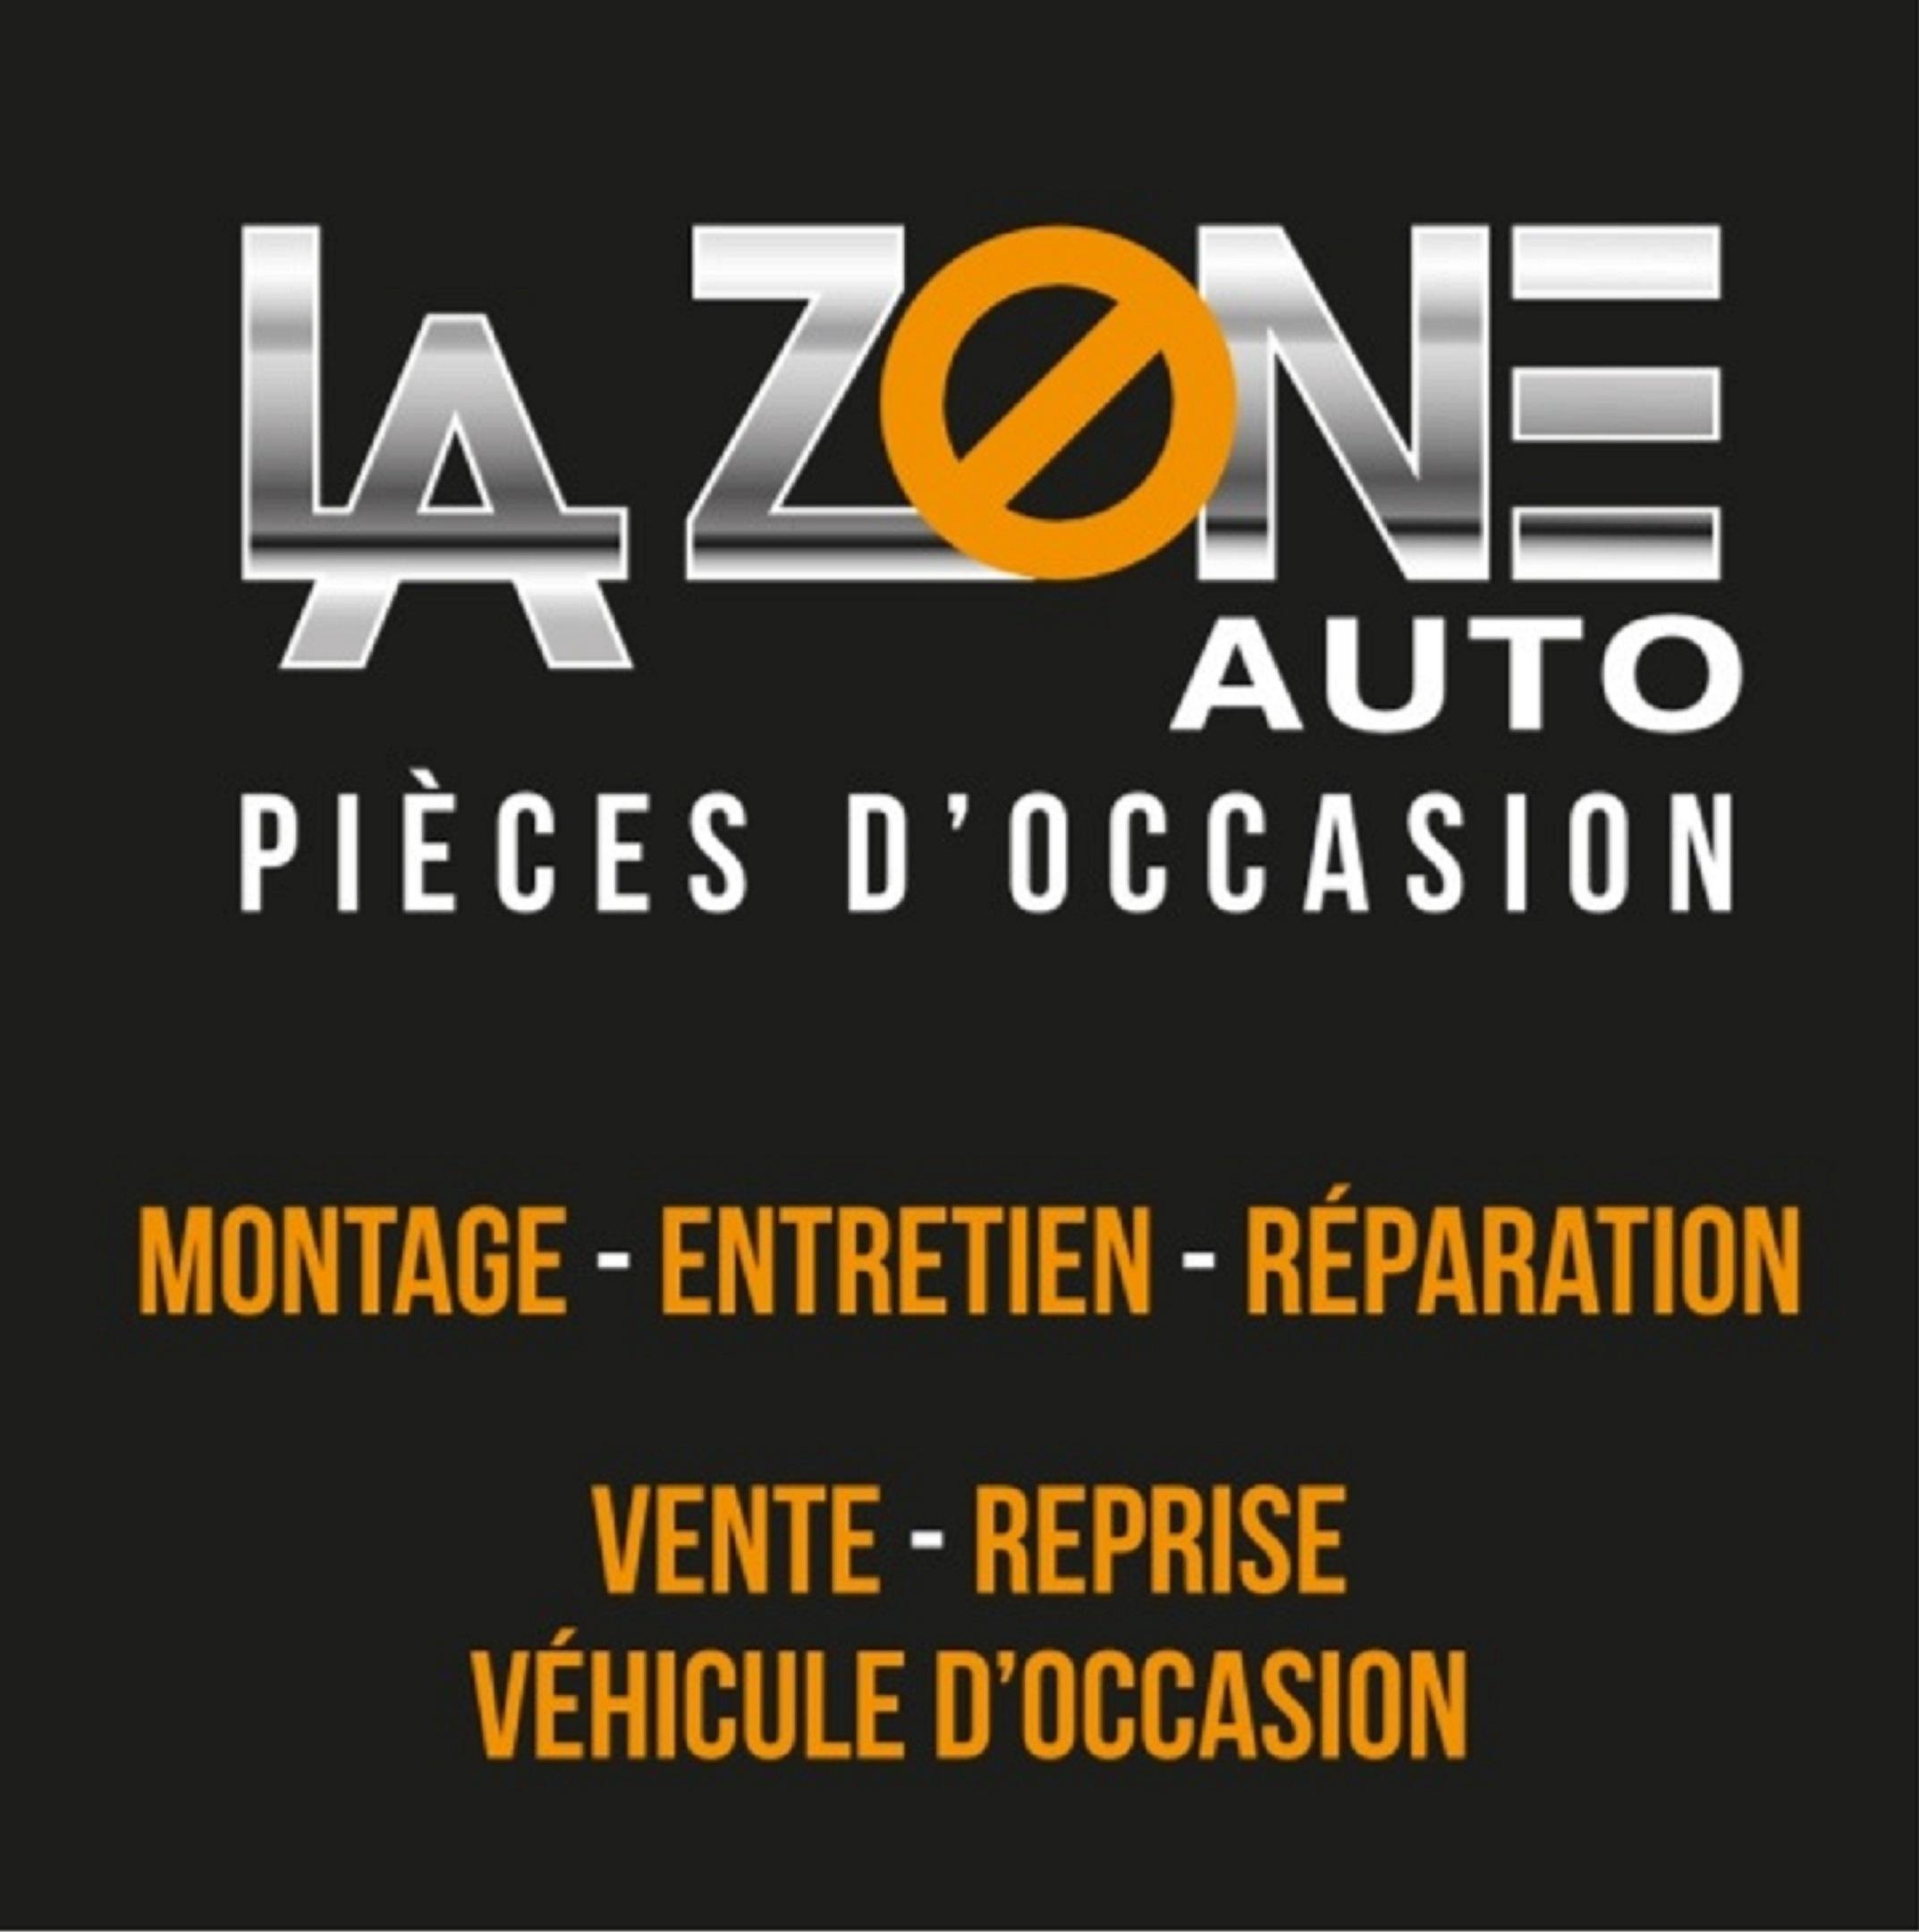 Logo LA ZONE AUTO ( LAISNE CASSE AUTO )